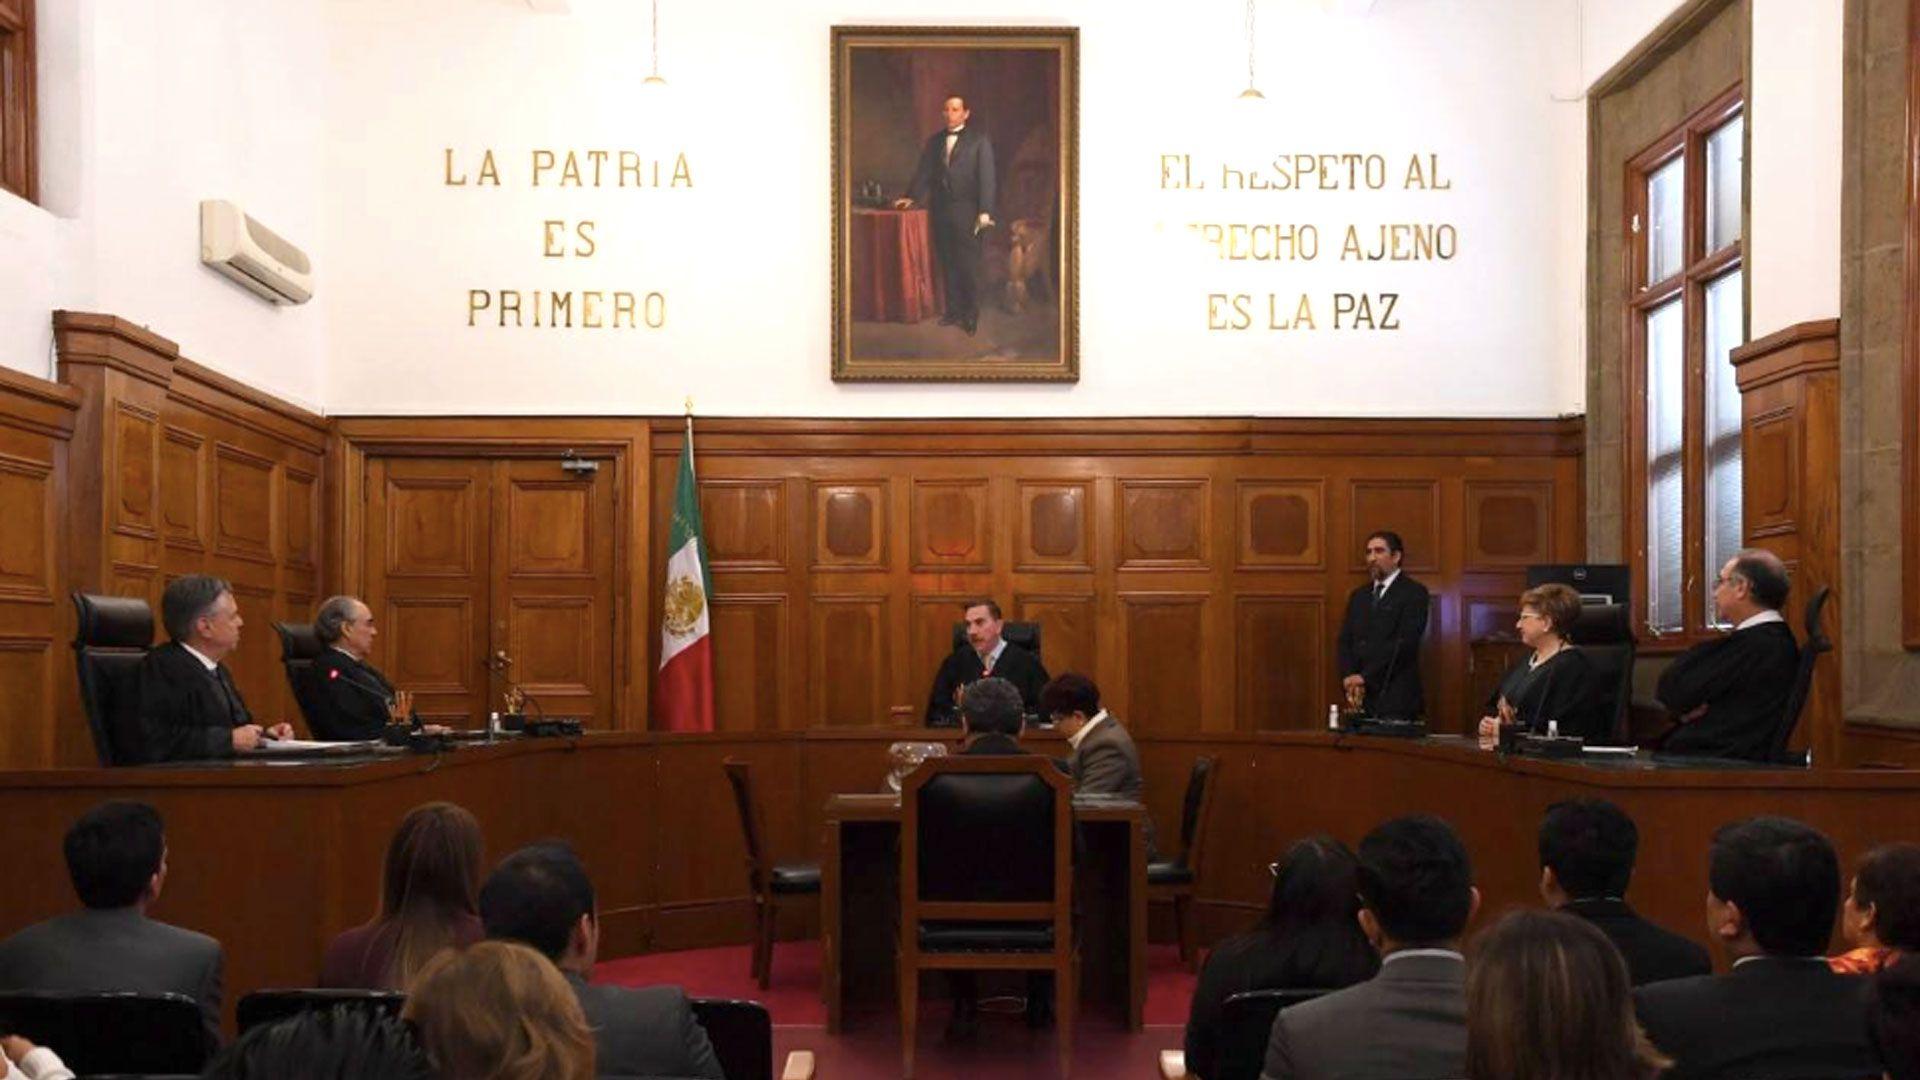 El espacio del ministro tendrá que ser sometido a la aprobación del Senado (Foto: Facebook SCJNMexico)